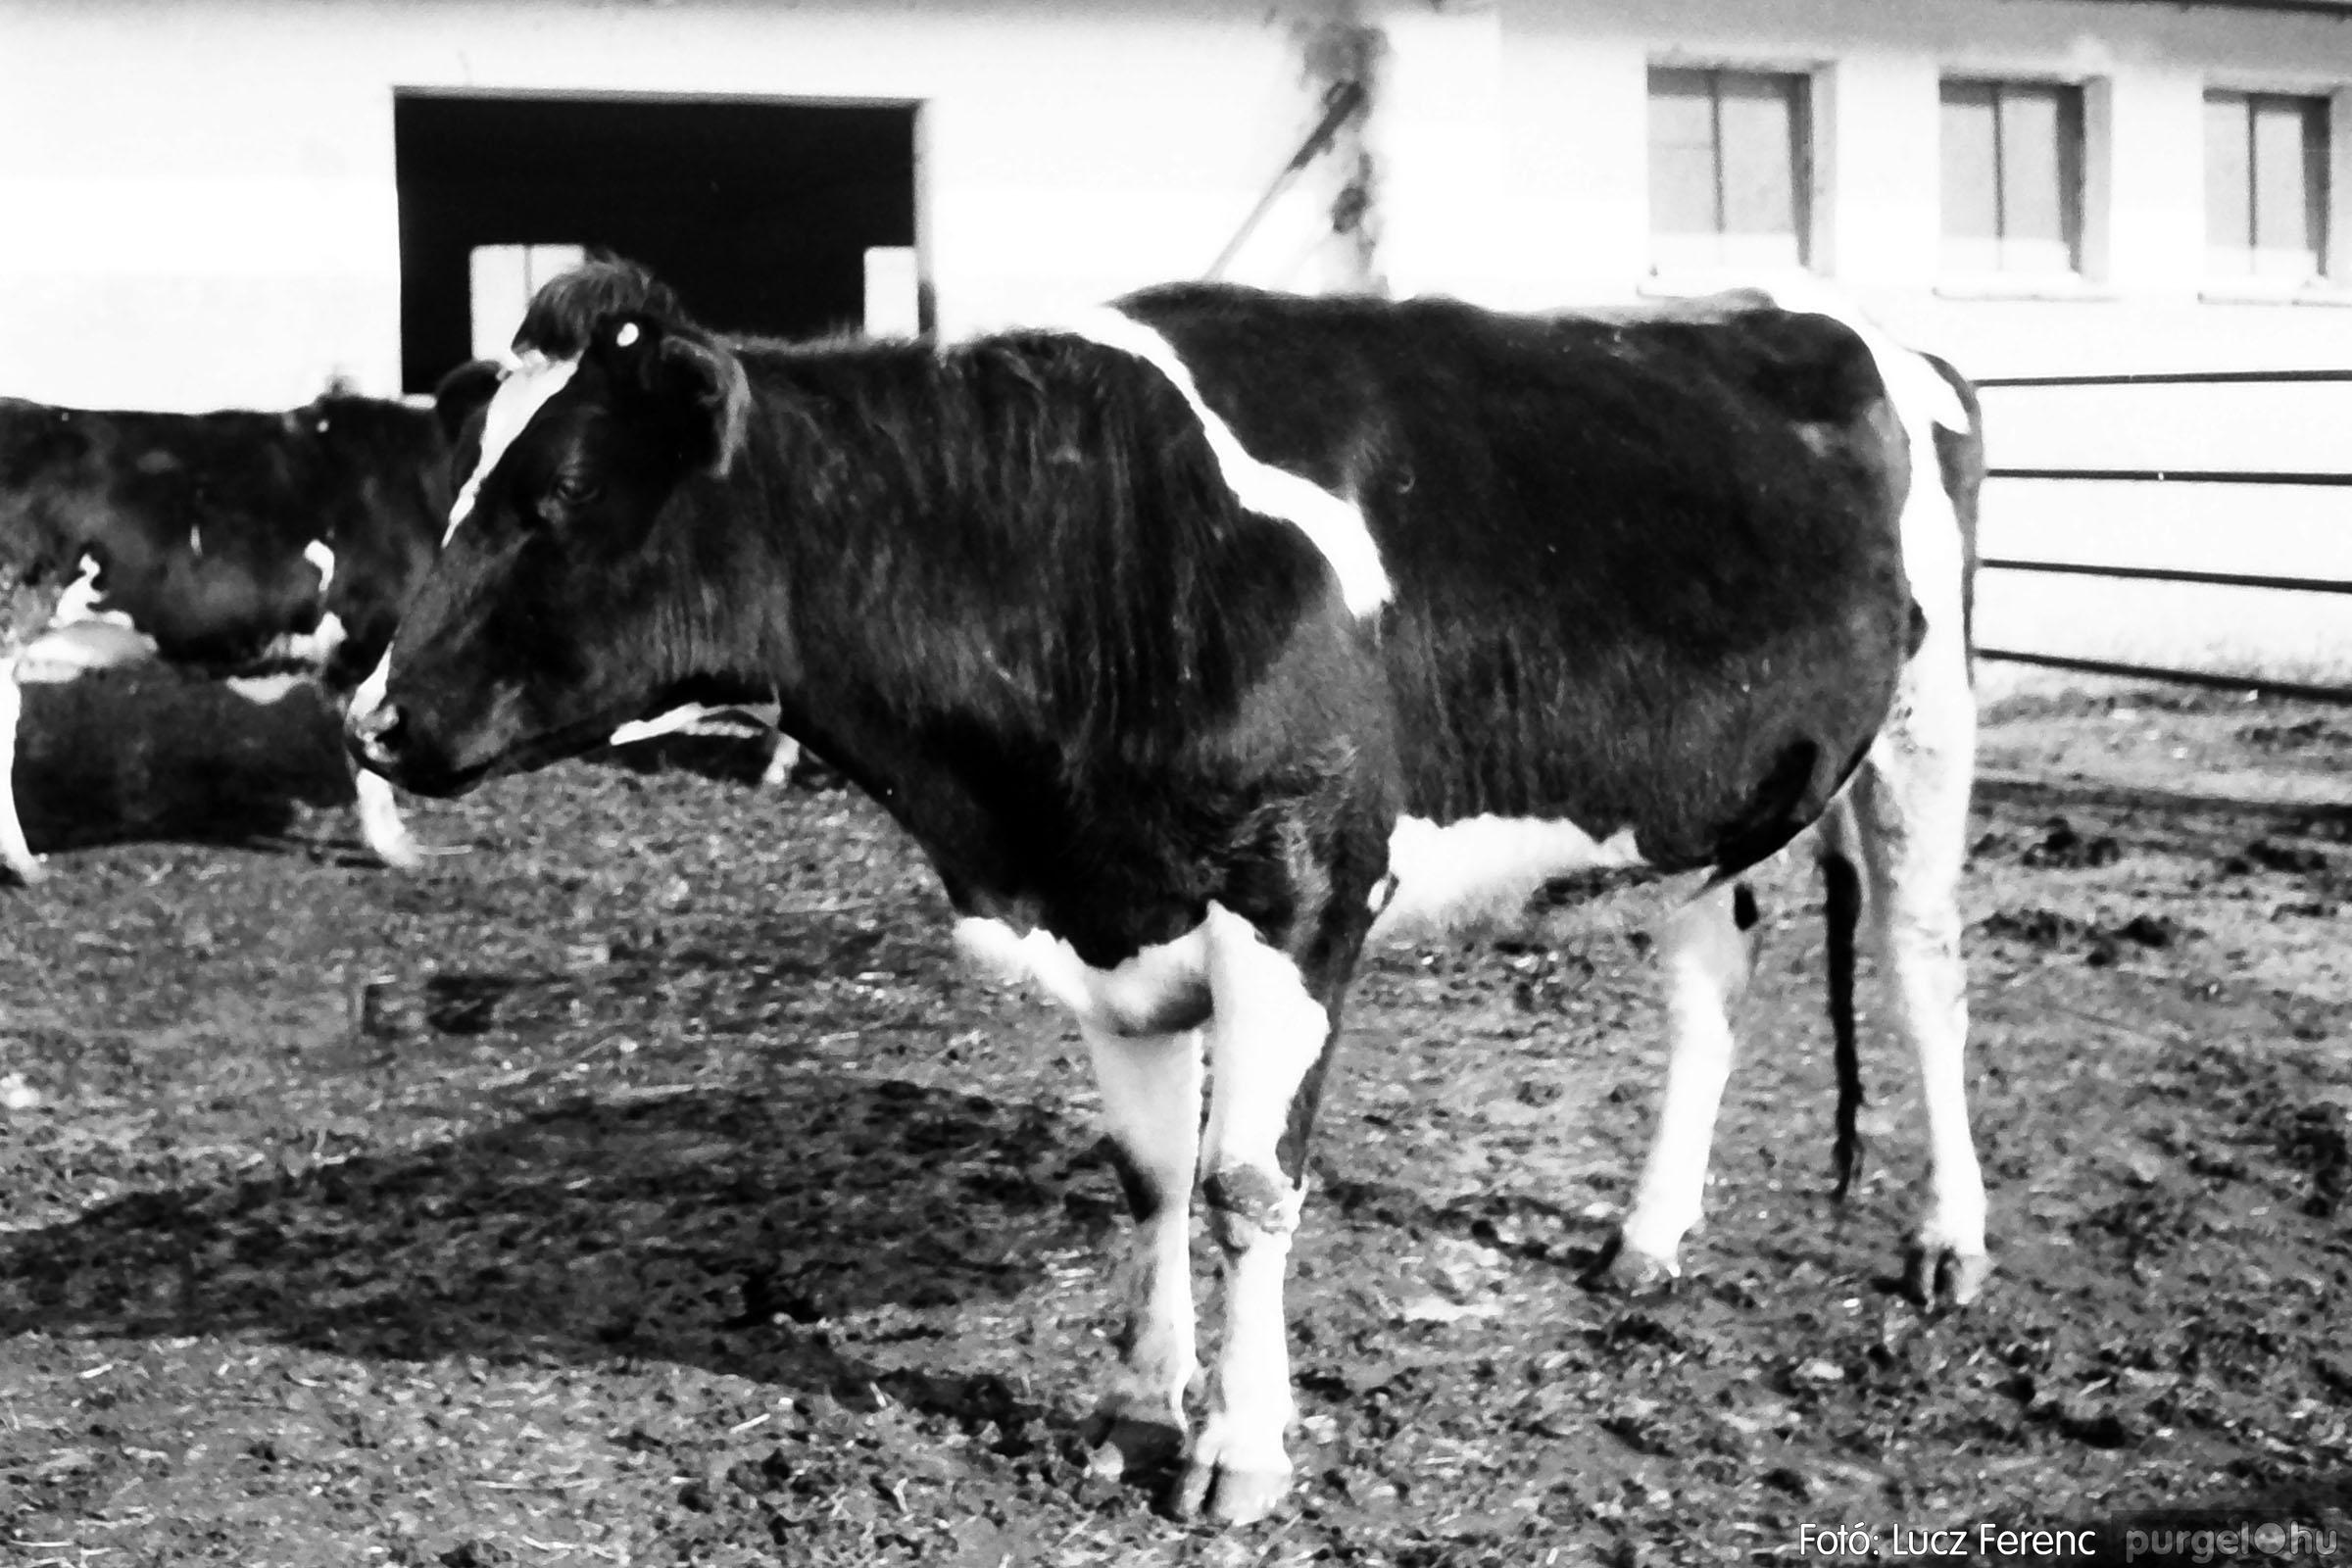 033-034. 1976. Élet a sápi tehenészetben 011 - Fotó: Lucz Ferenc.jpg